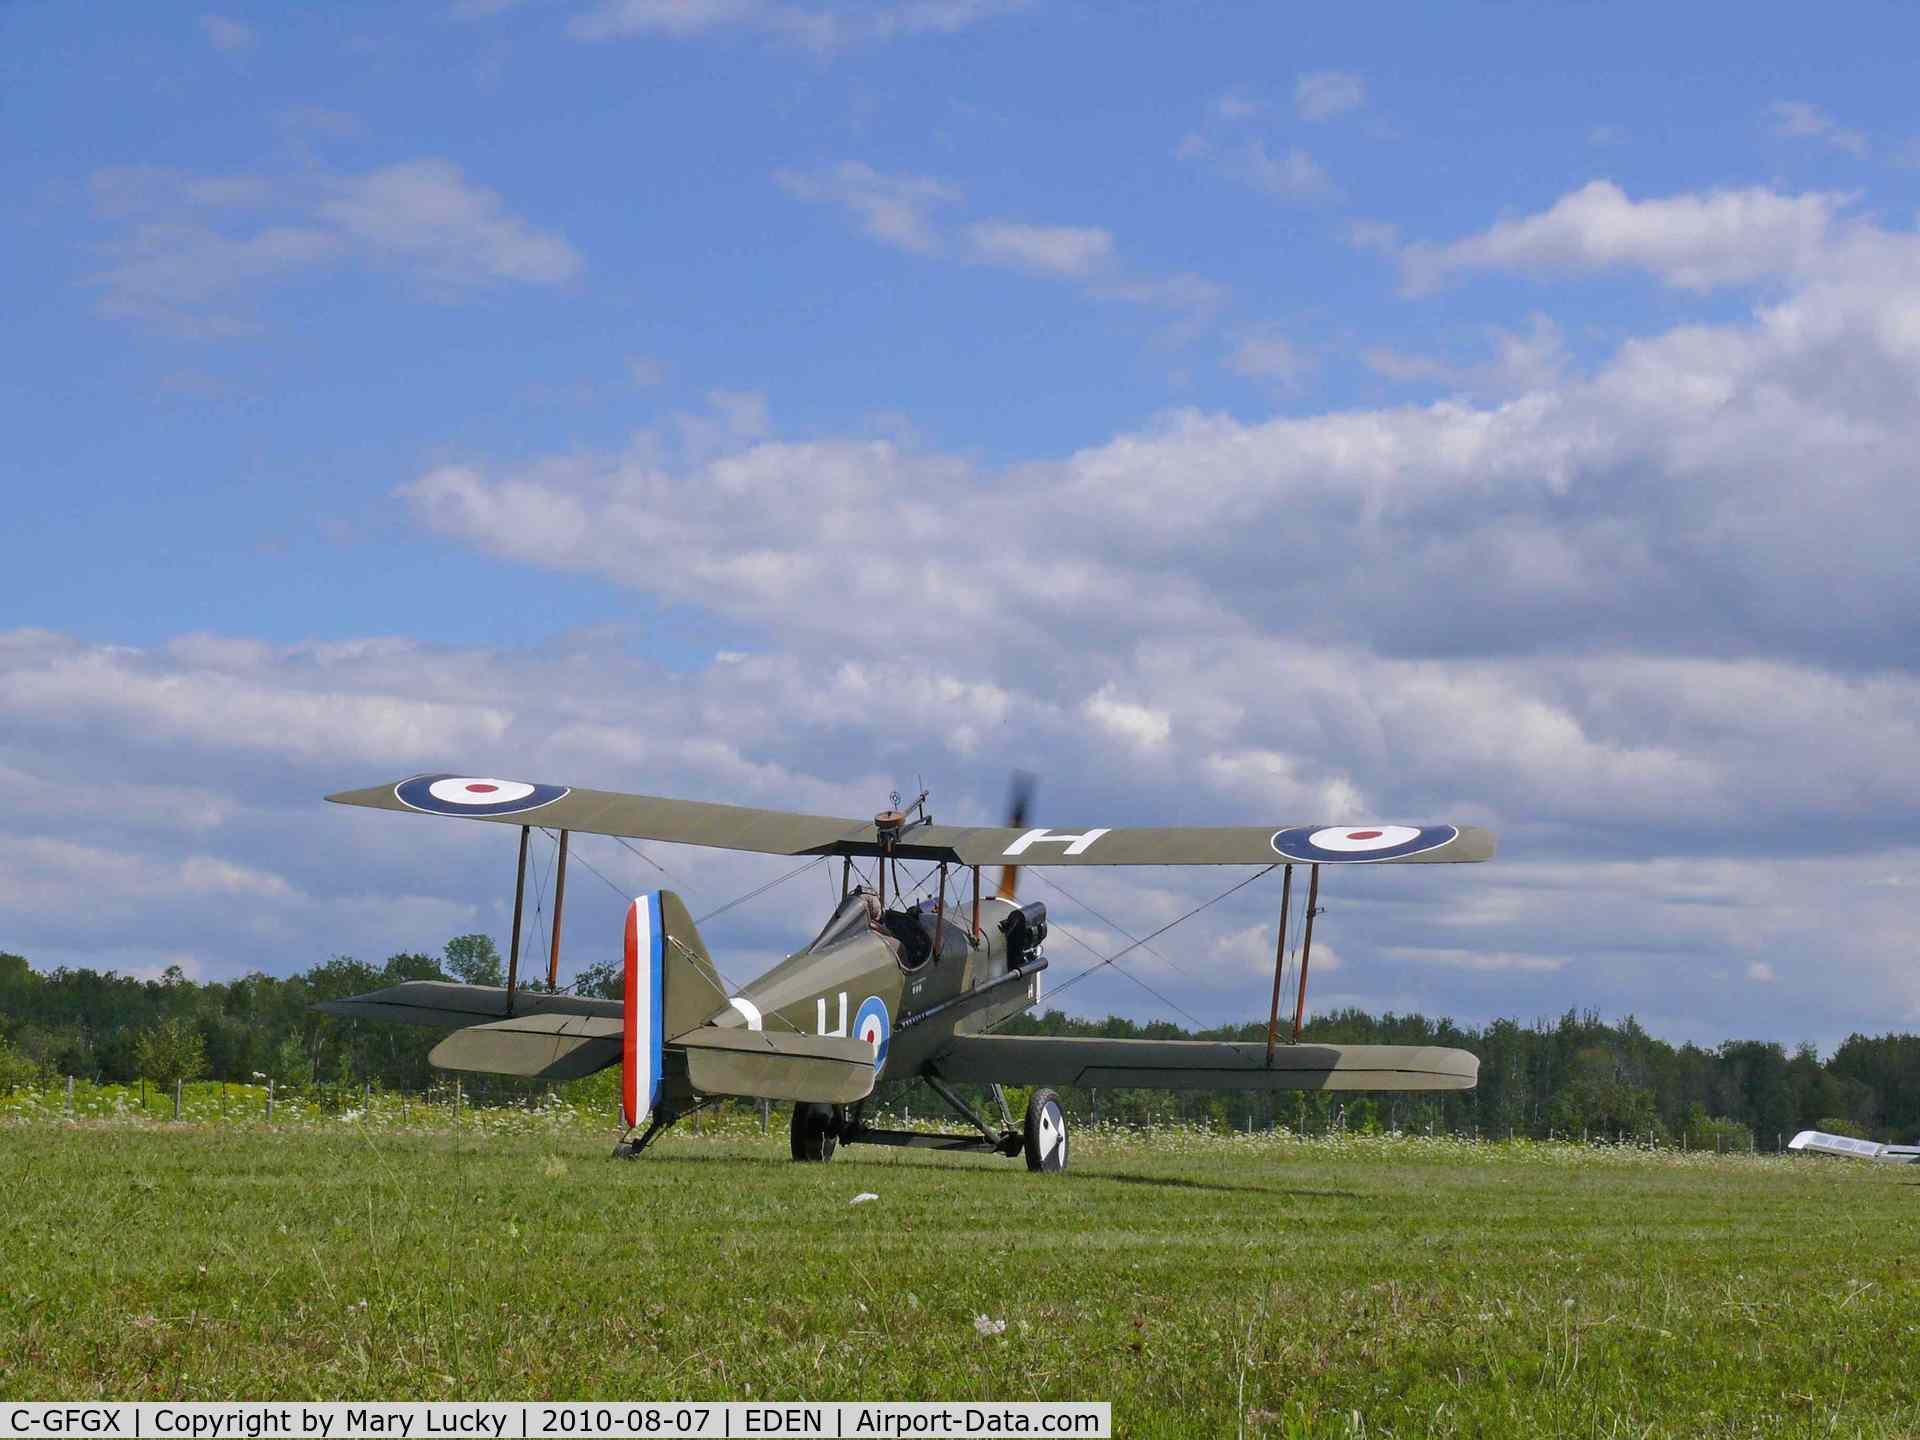 C-GFGX, 1984 Royal Aircraft Factory SE-5A Replica C/N 078258, At Edenvale air show August 7th 2010.